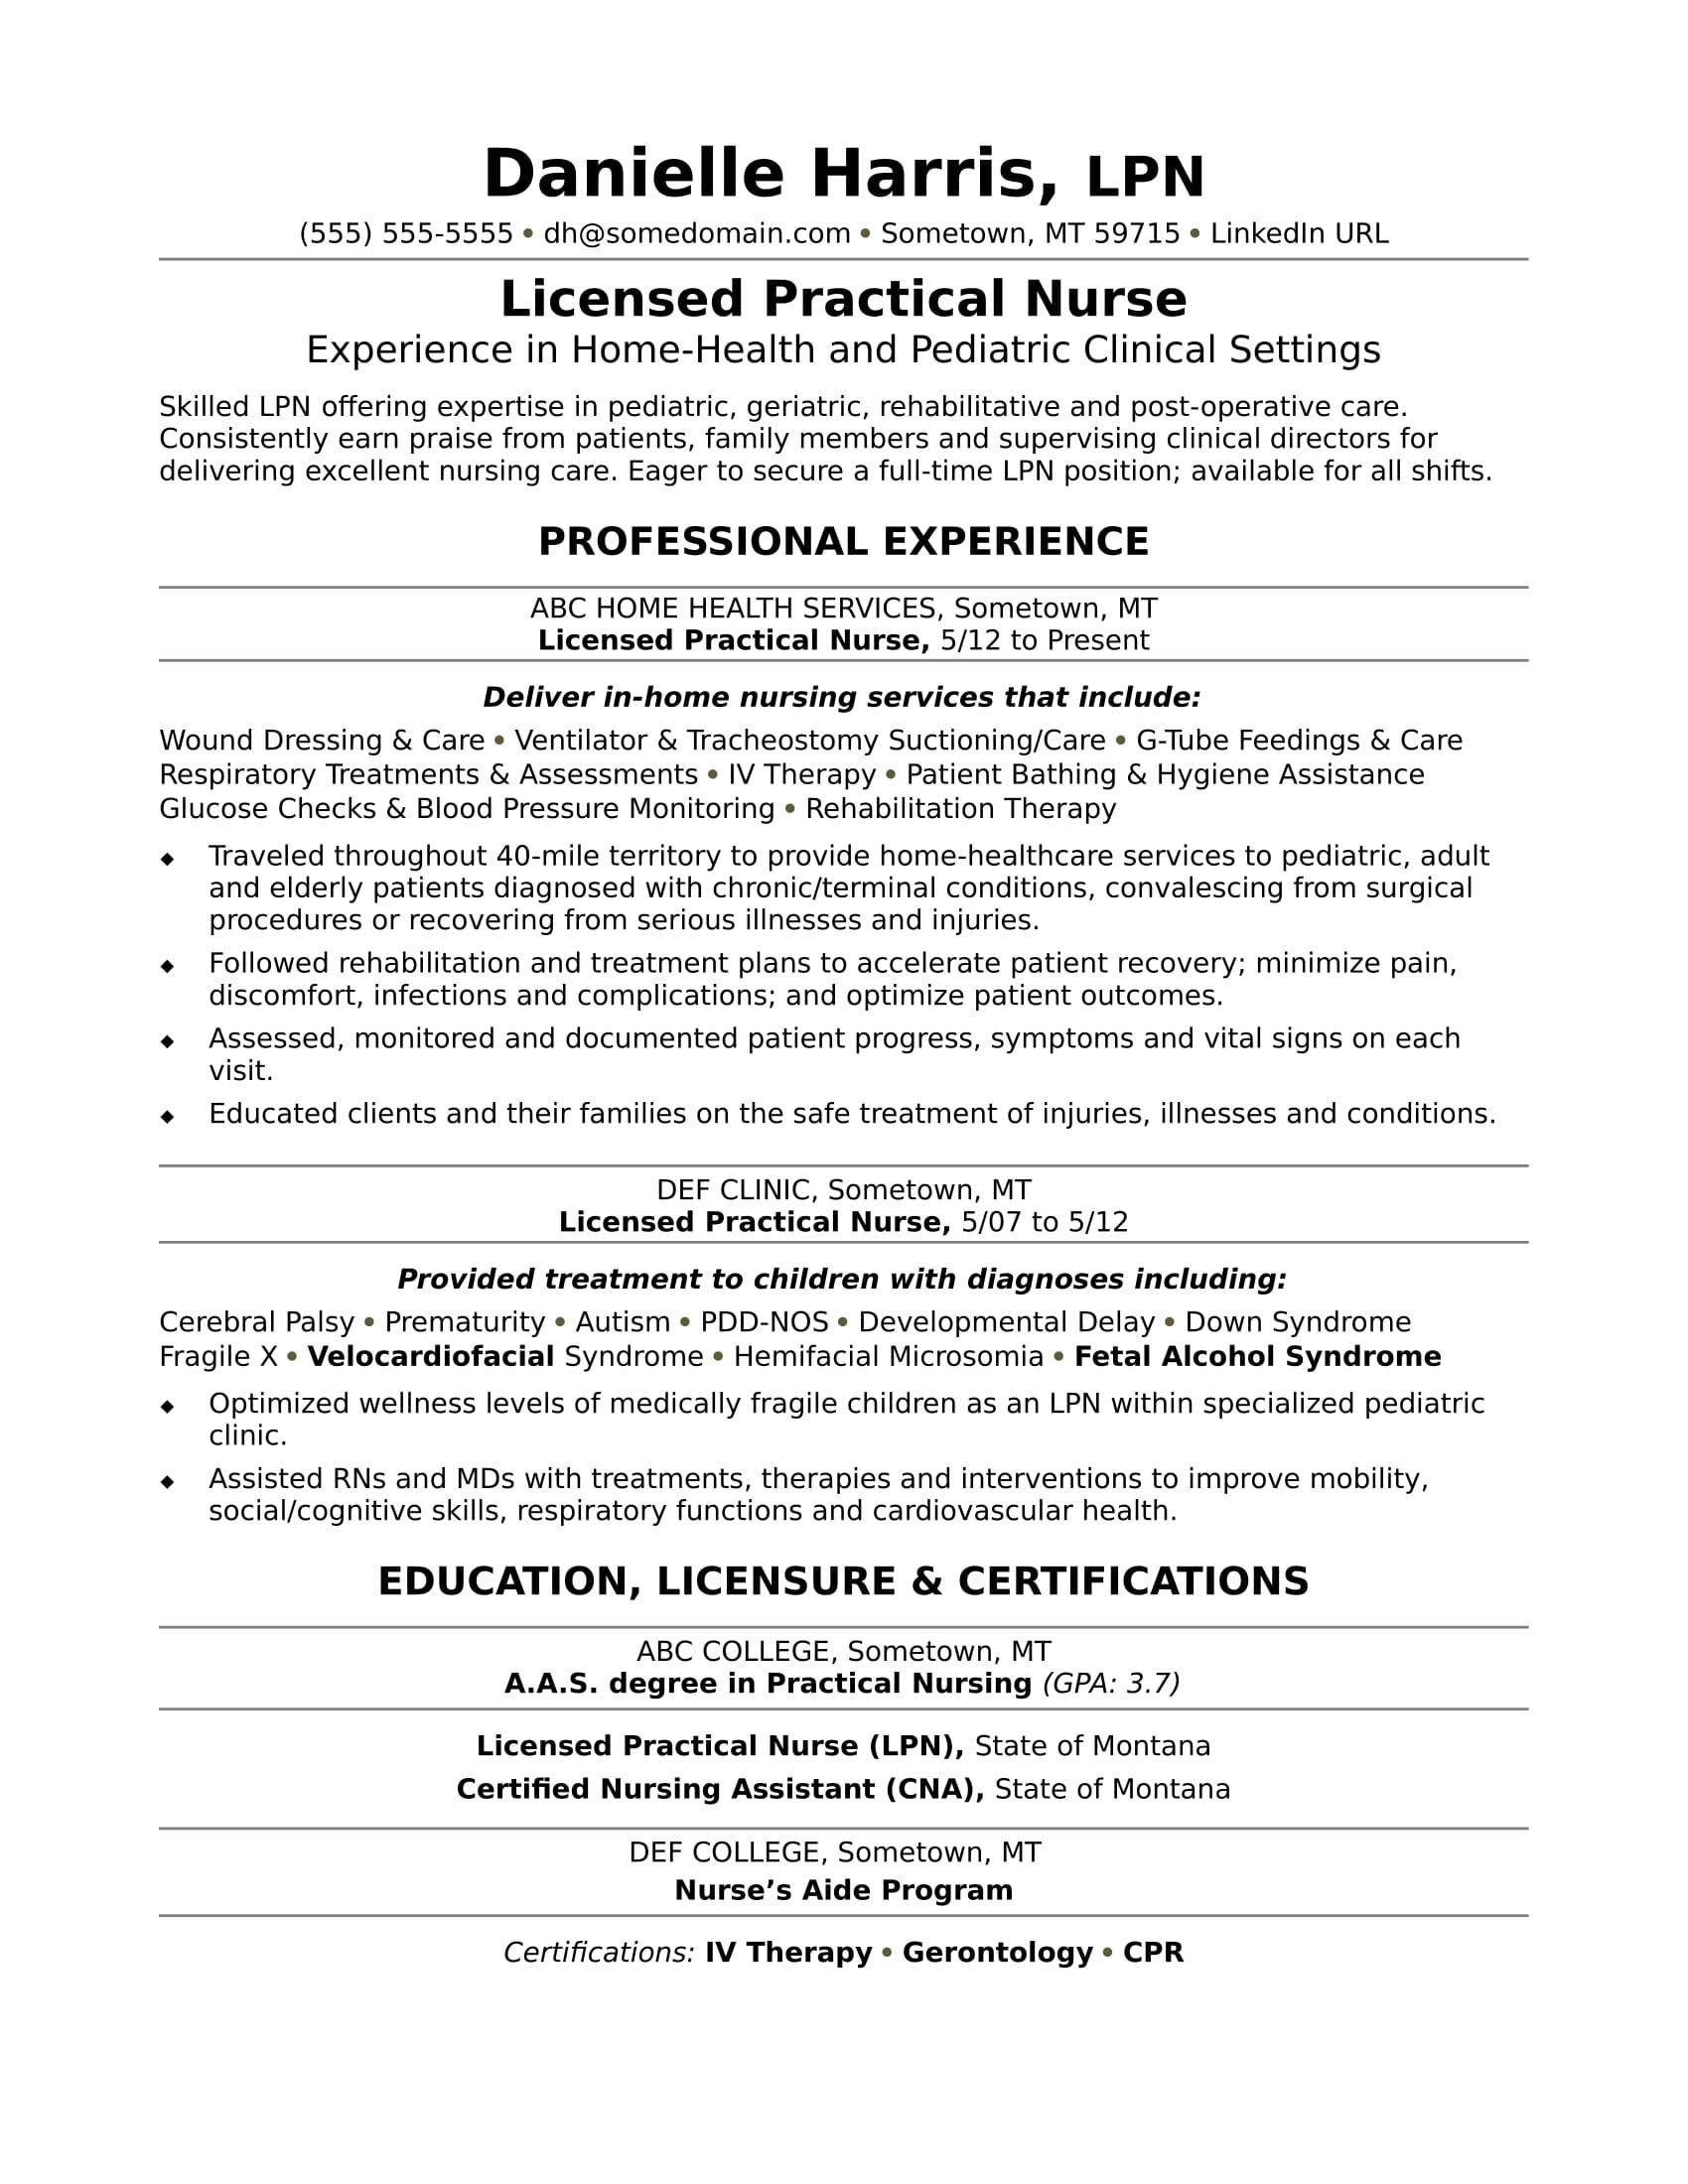 Licensed Practical Nurse Resume Sample Monster Com